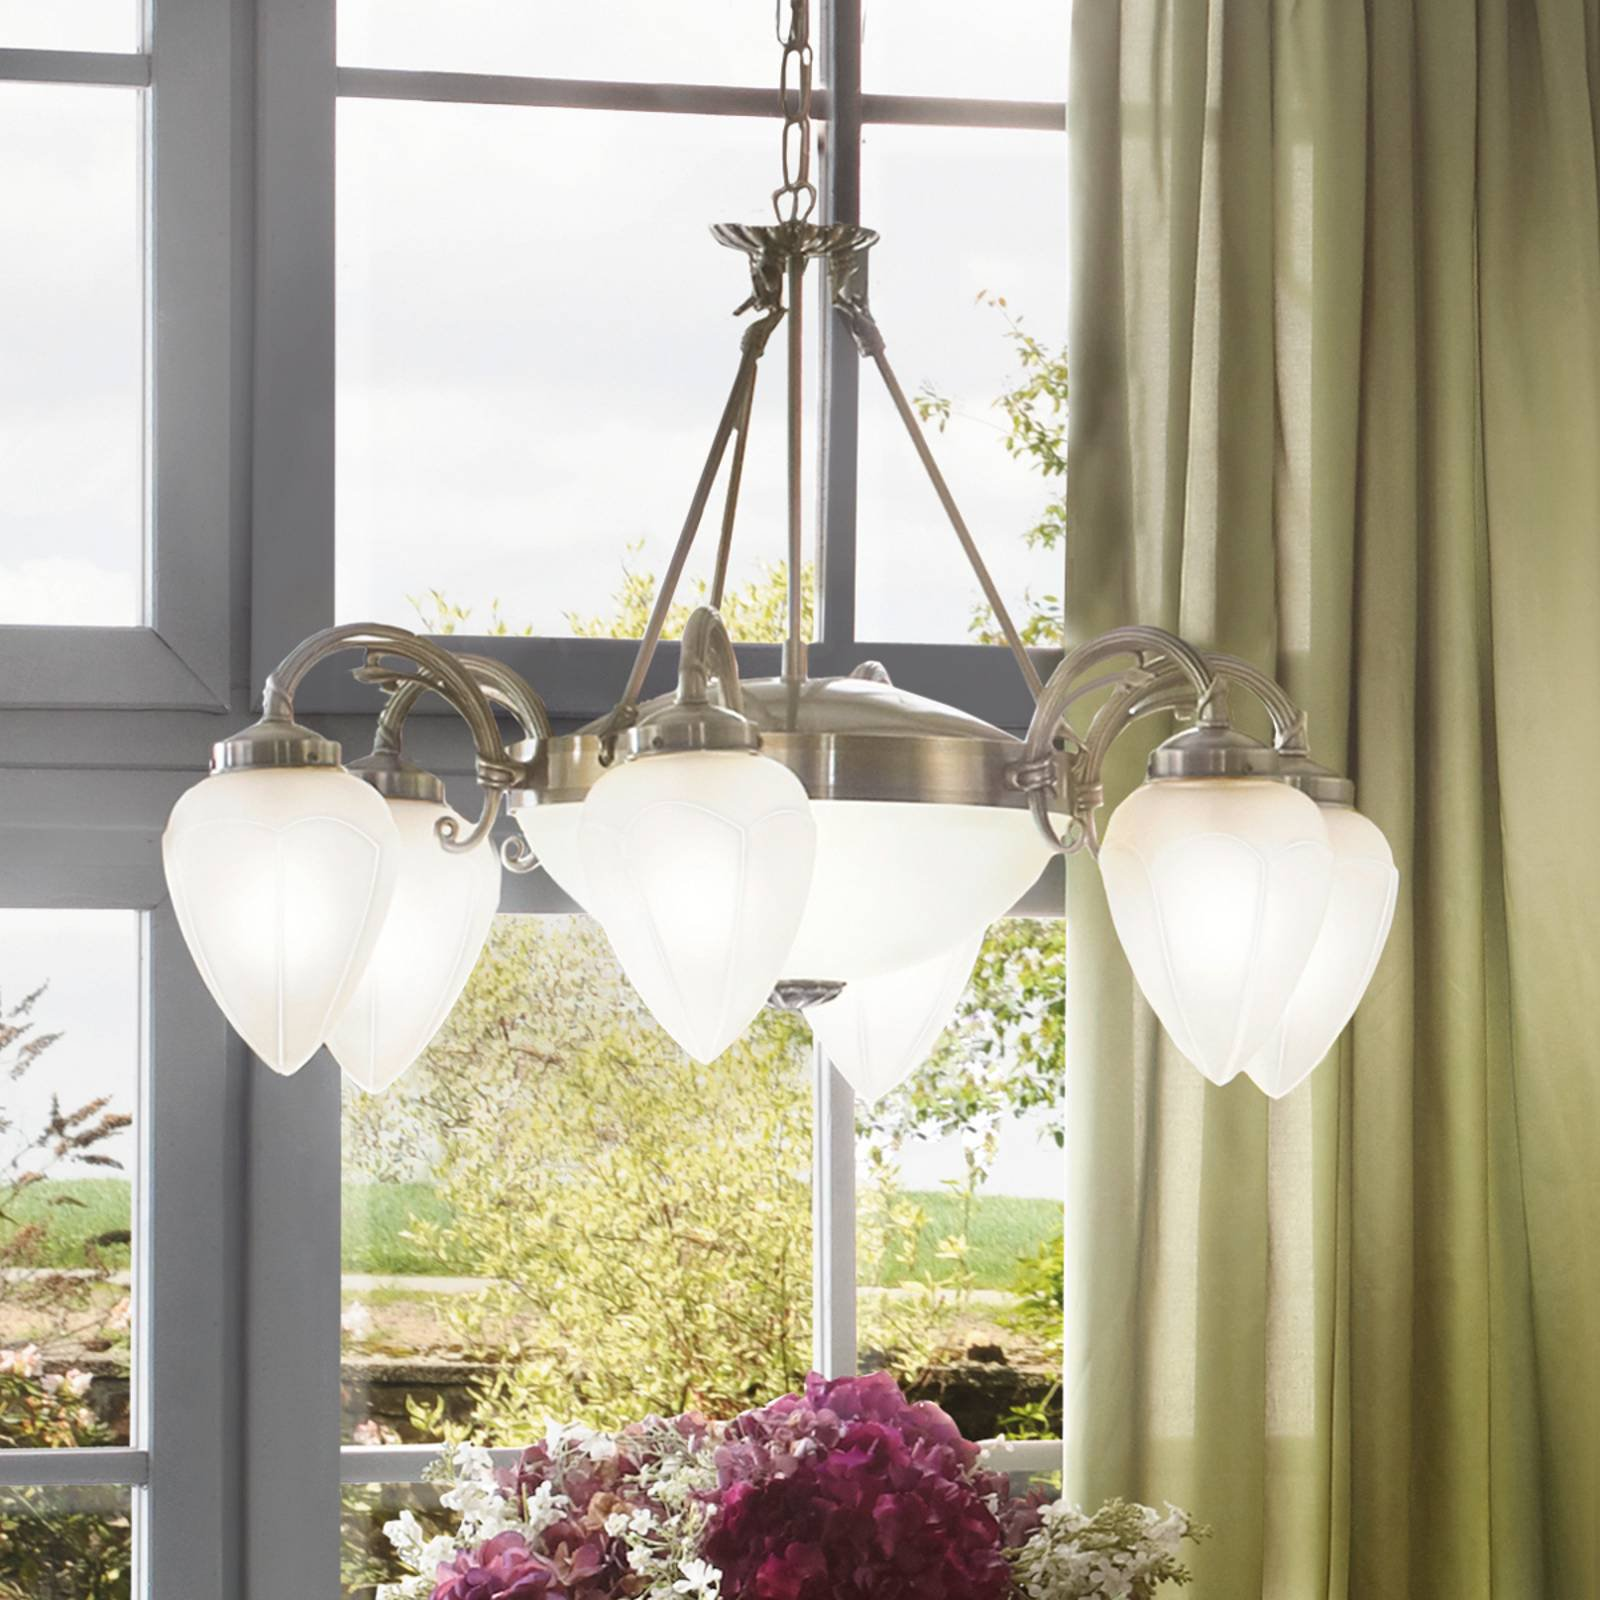 Klassisk Impery pendellampe med åtte lys